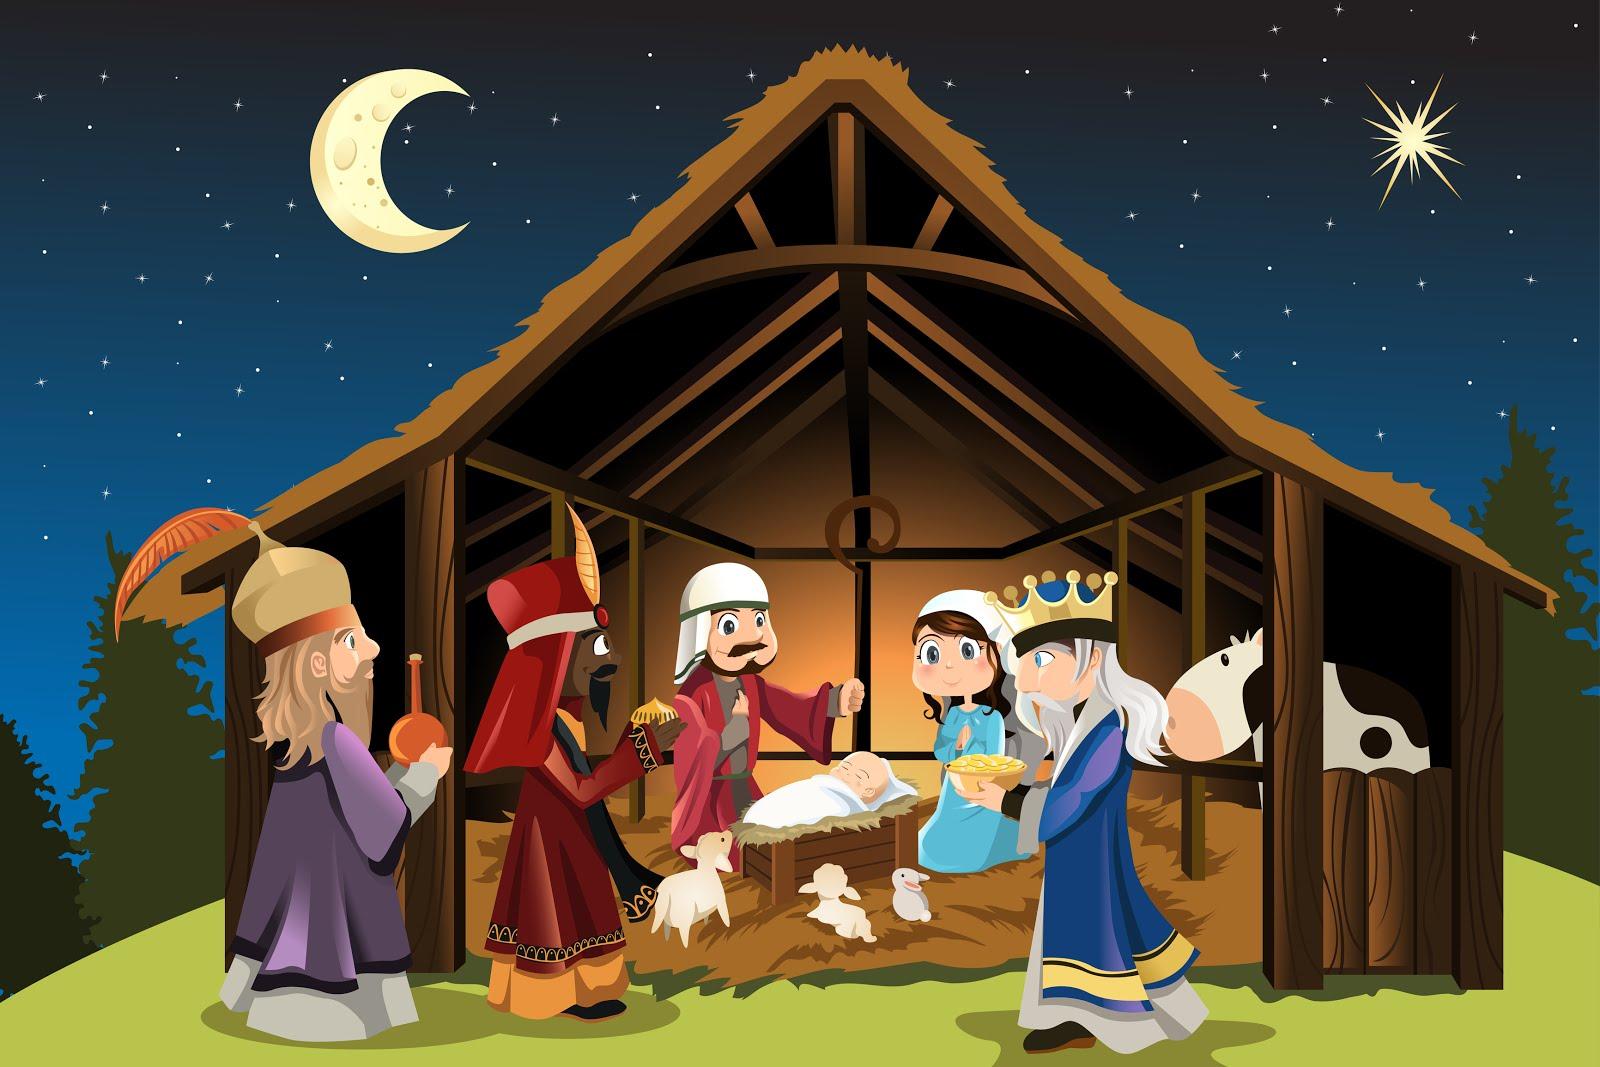 Imagenes De Jesucristo Gratis - Imágenes de Jesús Imagenes Bonitas De Amor